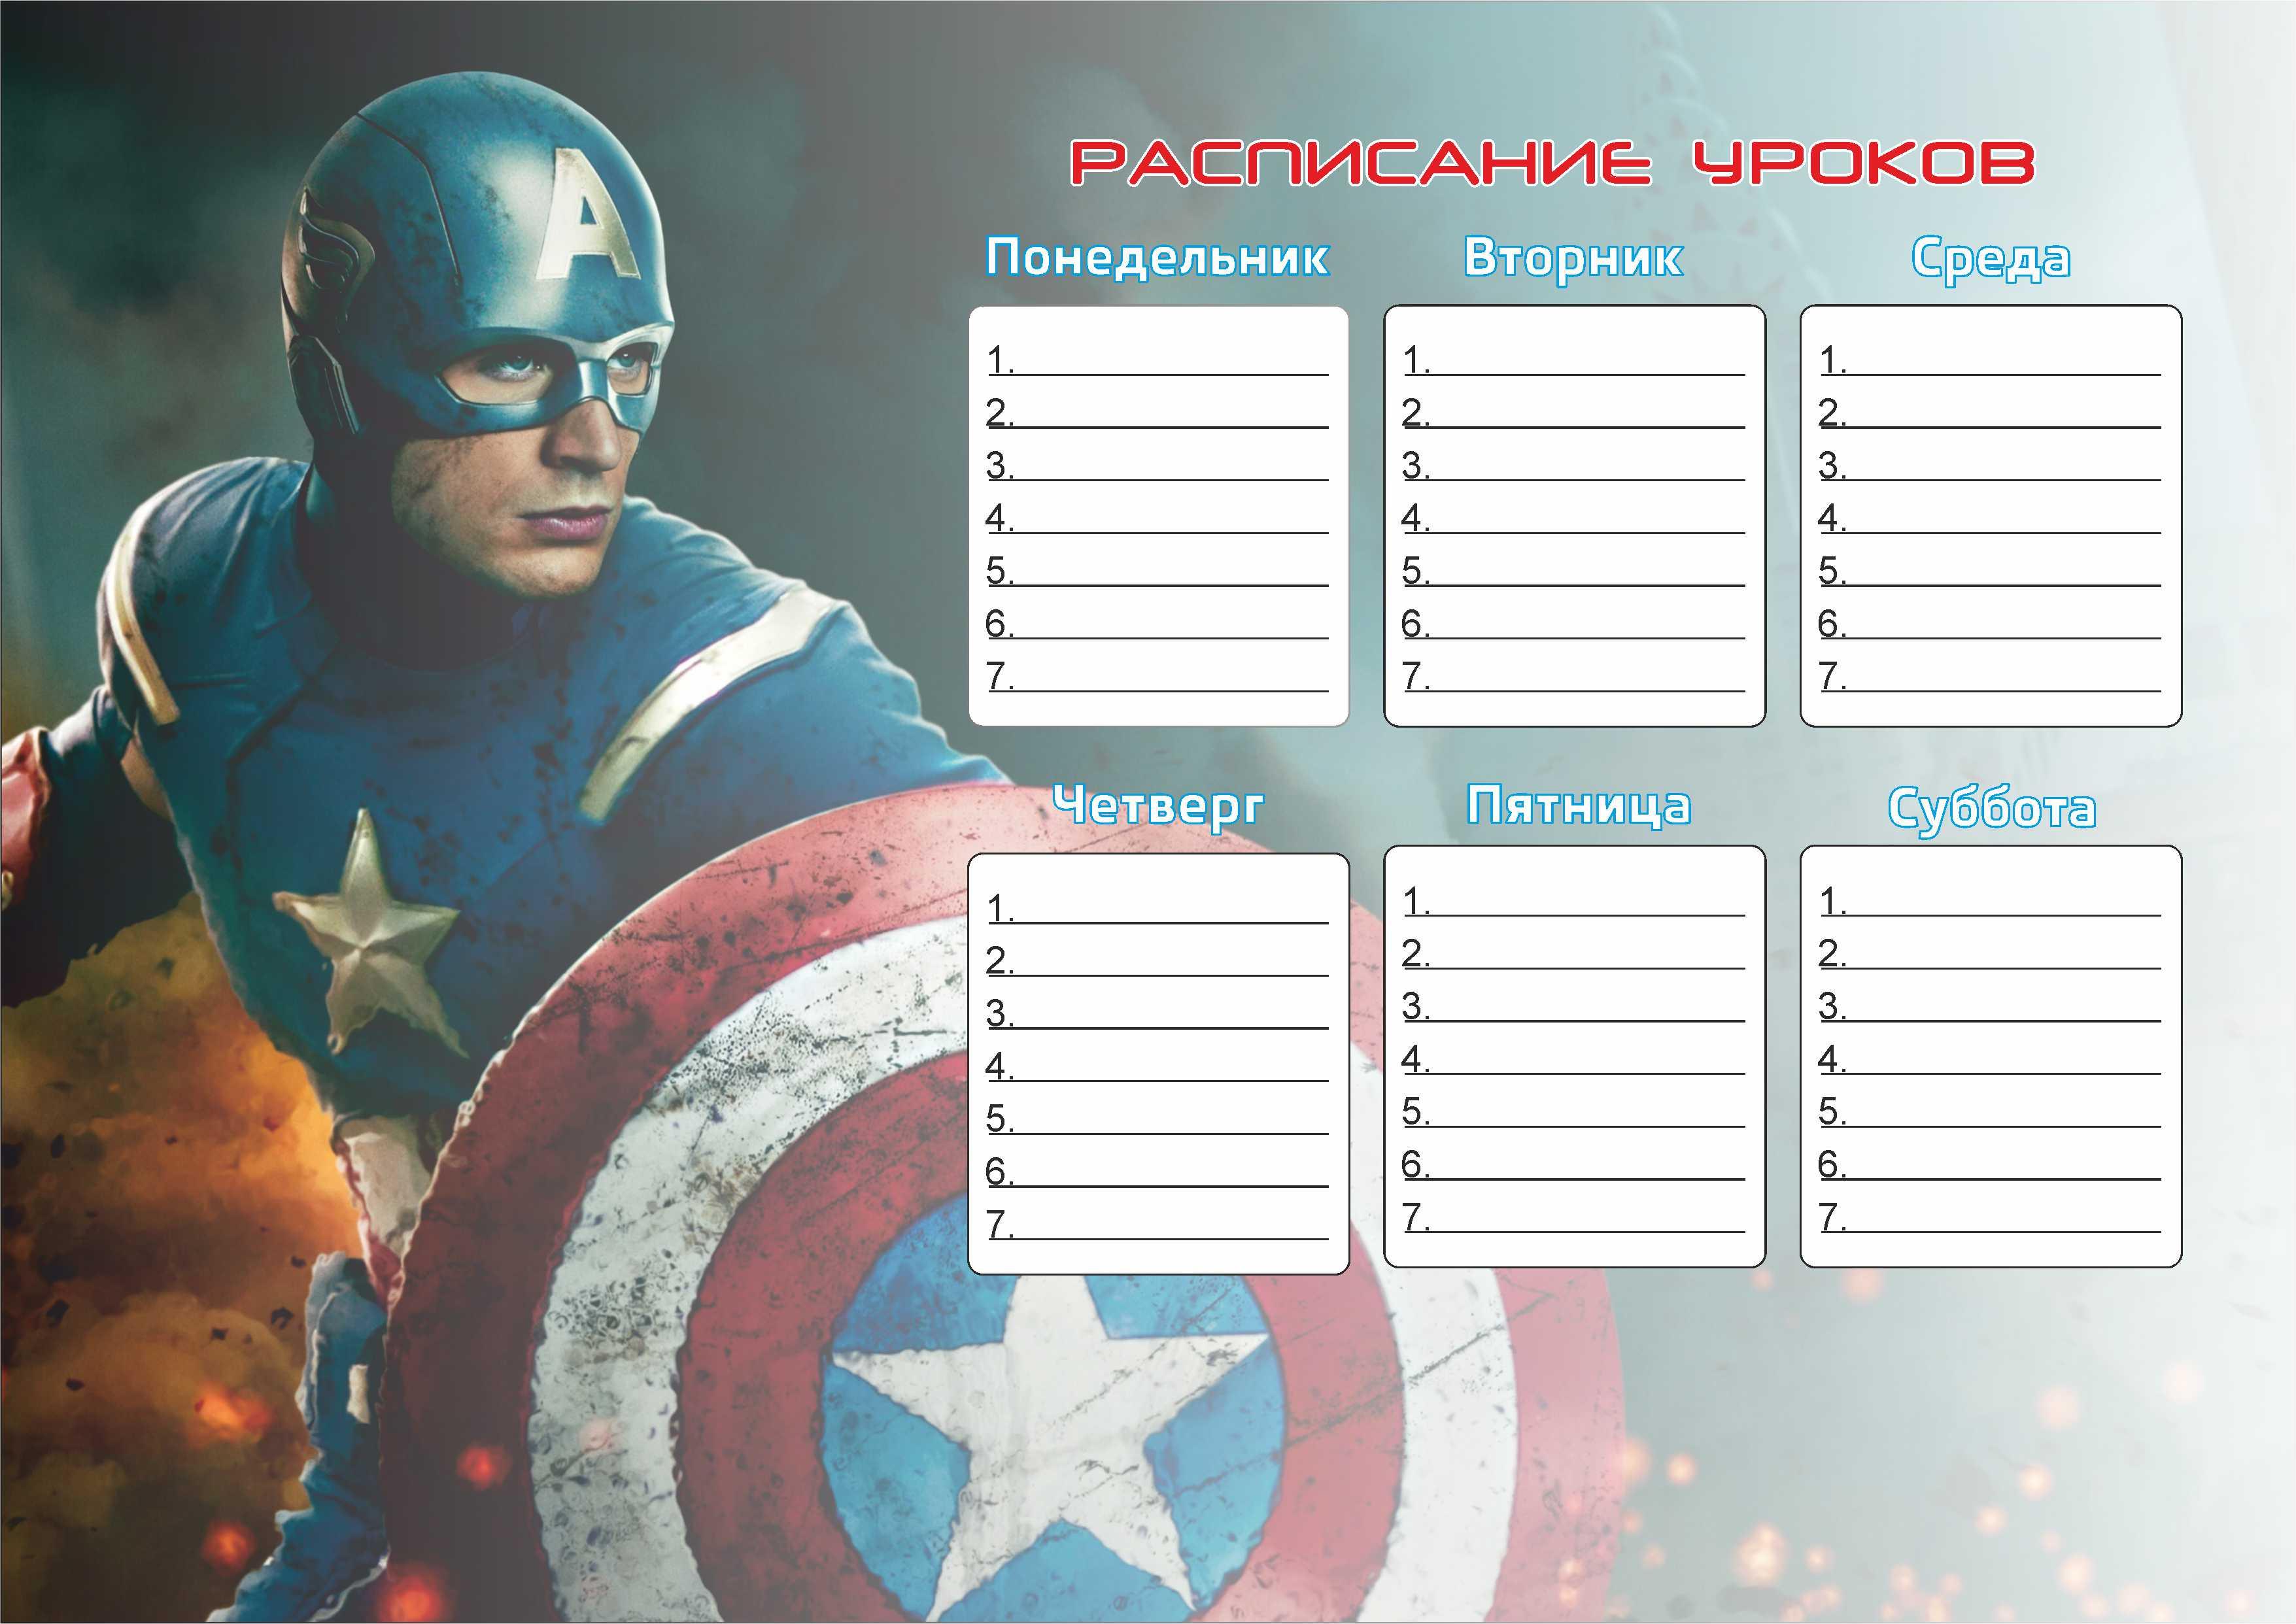 фото расписание уроков для мальчиков